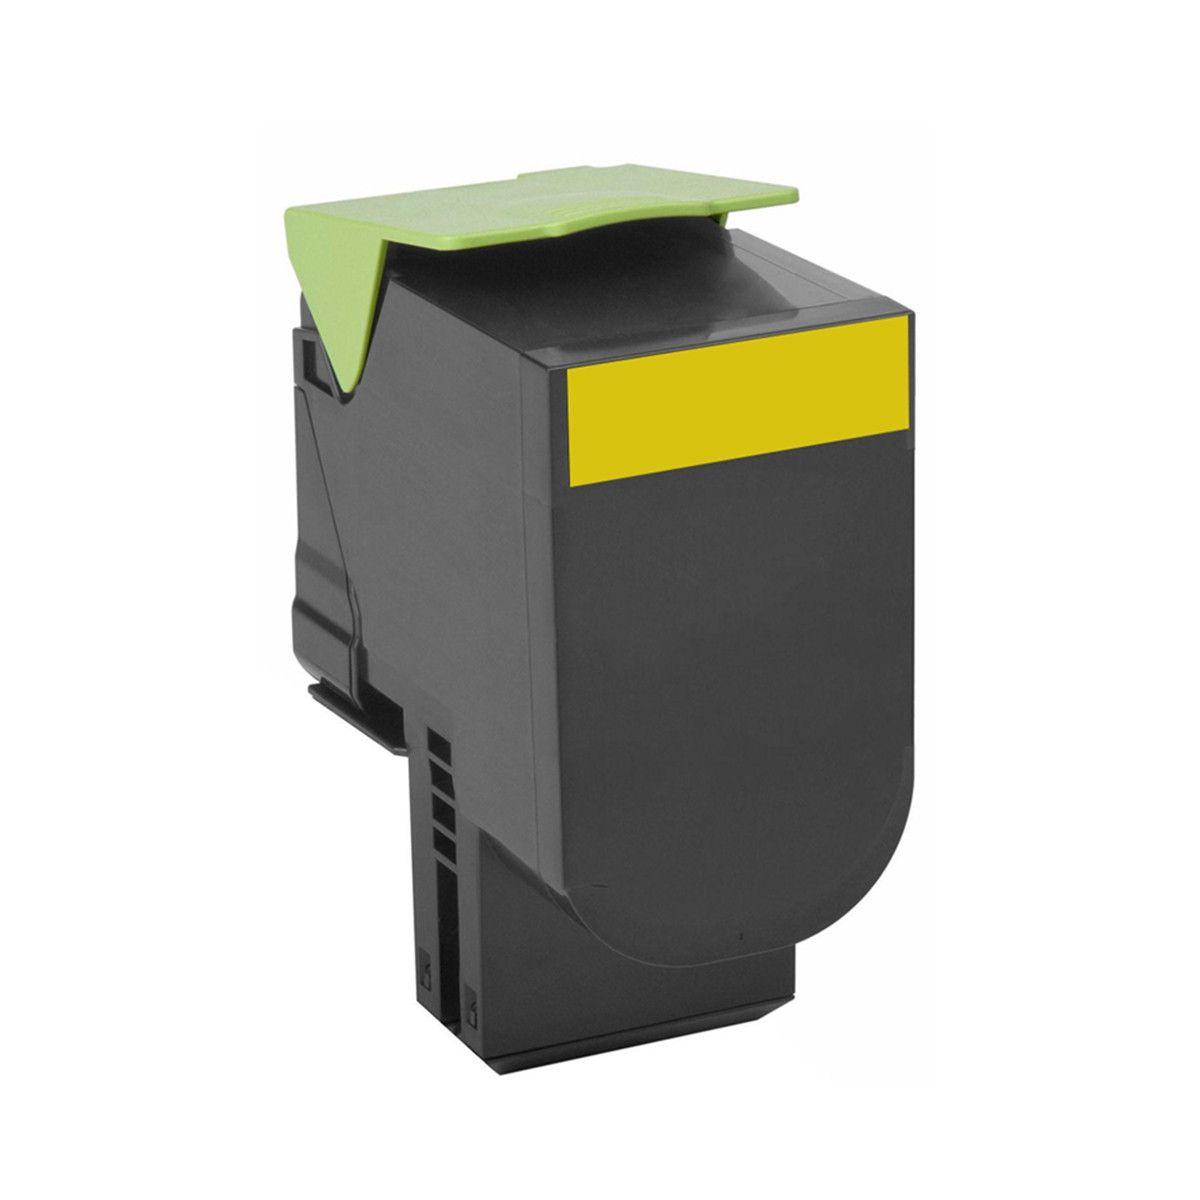 Chip compatível com Lexmark [71B40Y0] CS317/417/517 YELLOW 2.300 Páginas - Cartucho & Cia